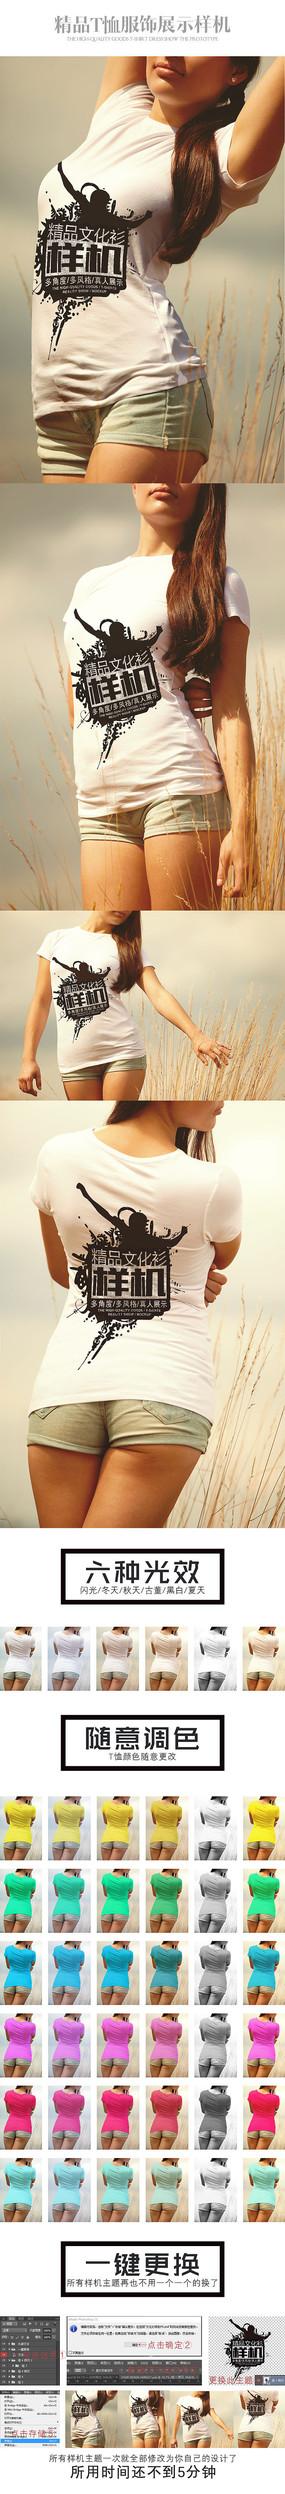 不同造型可换色女式T恤文化衫展示样机